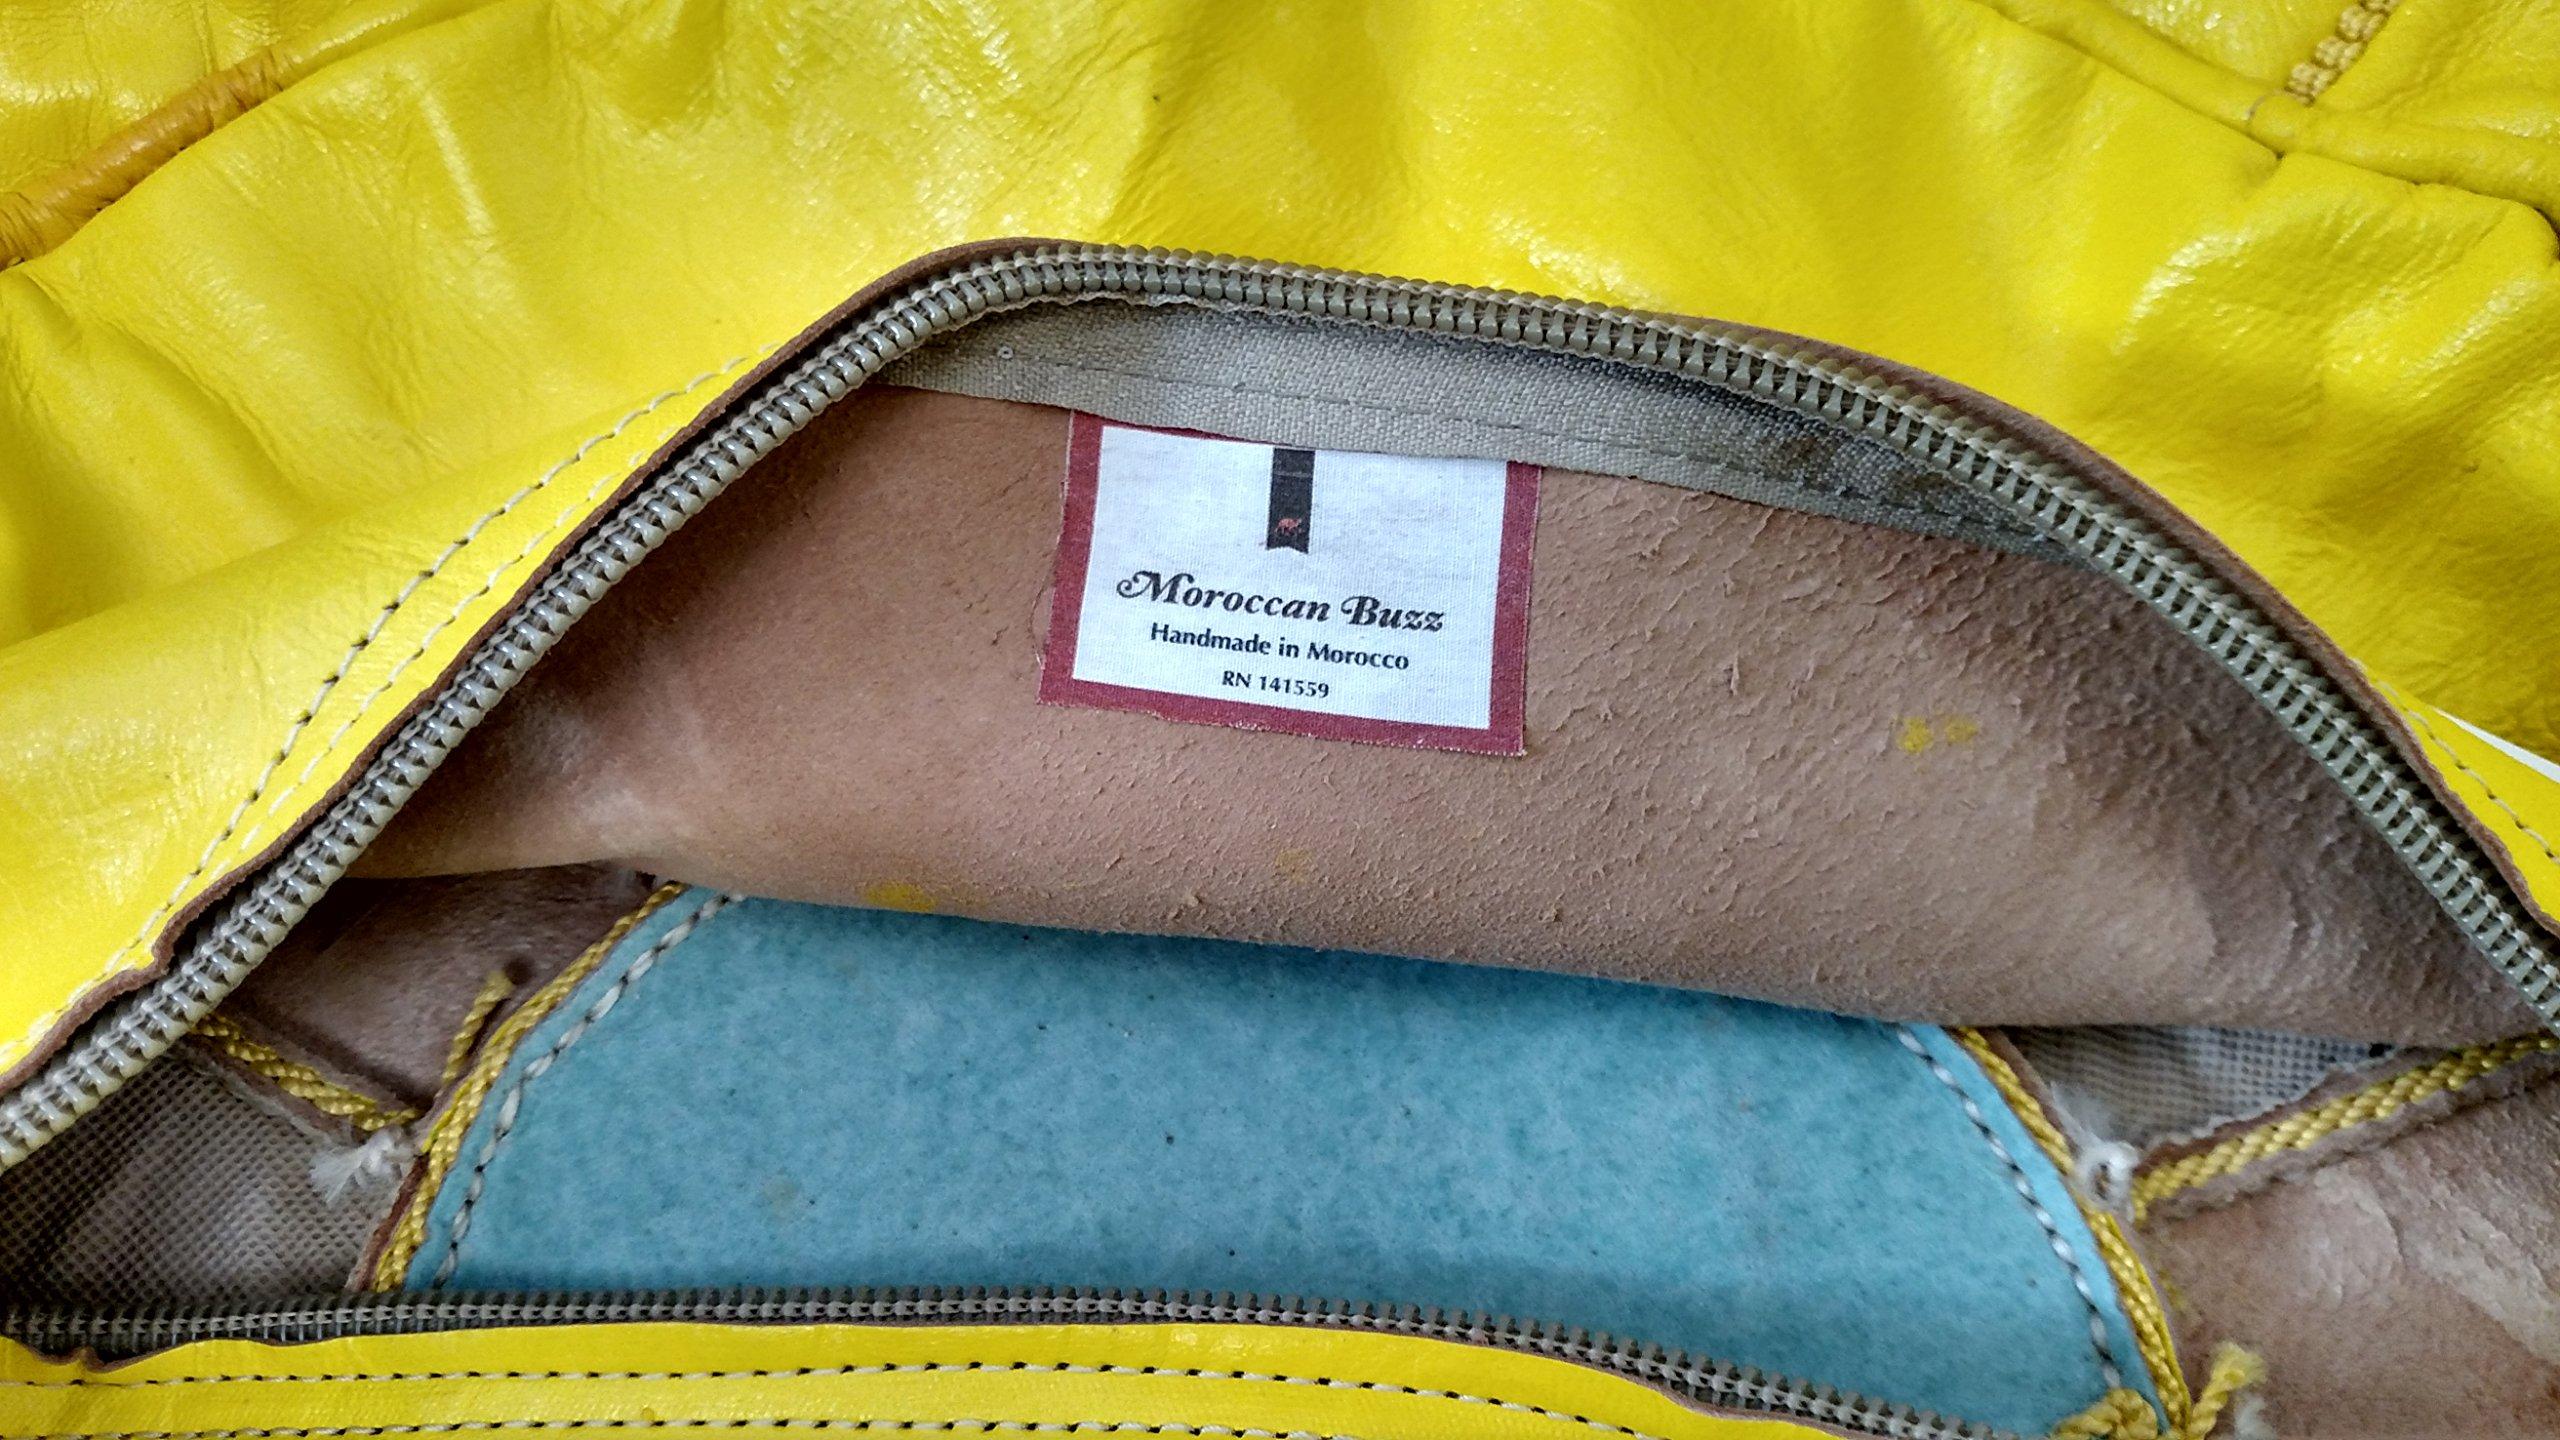 Moroccan Buzz 18-Pound Premium Stuffed Leather Pouf Ottoman, Lemon Yellow